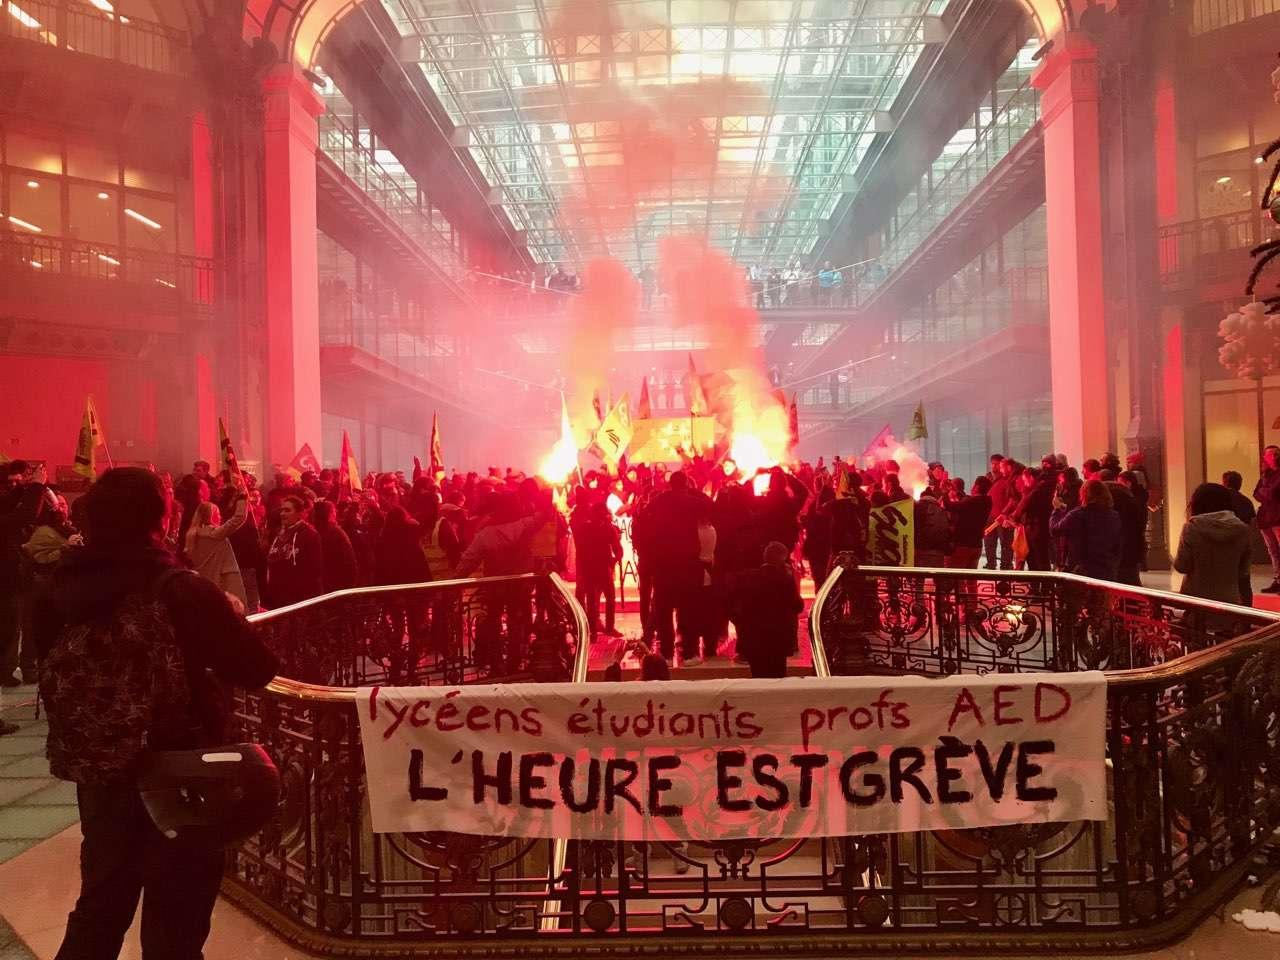 Des manifestant-es s'introduisent au siège de BlackRock France à Paris le mardi 7 janvier. Ils accusent le fond d'investissement américain d'avoir influé sur le contenu du projet de réforme des retraites du gouvernement. Photographie prise par un manifestant à Paris.